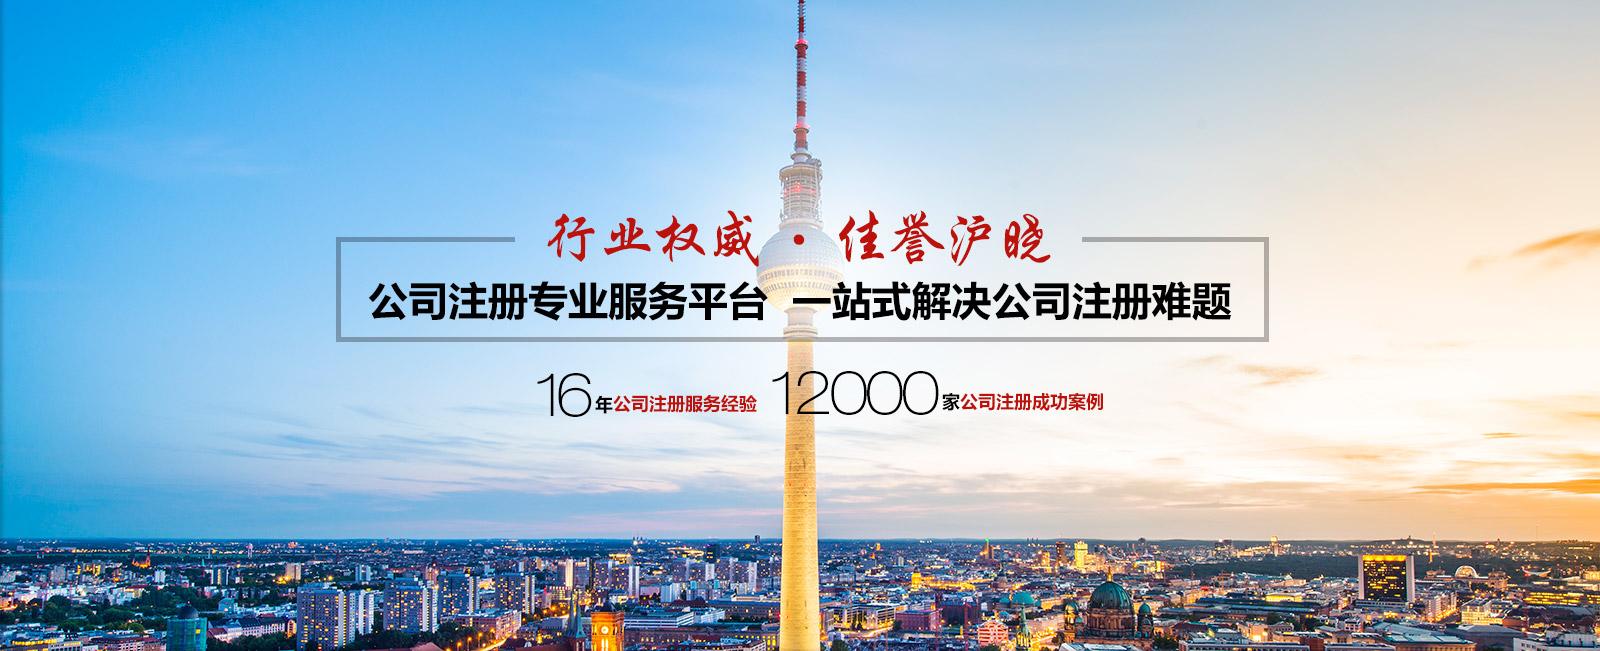 闵行经济园区公司注册